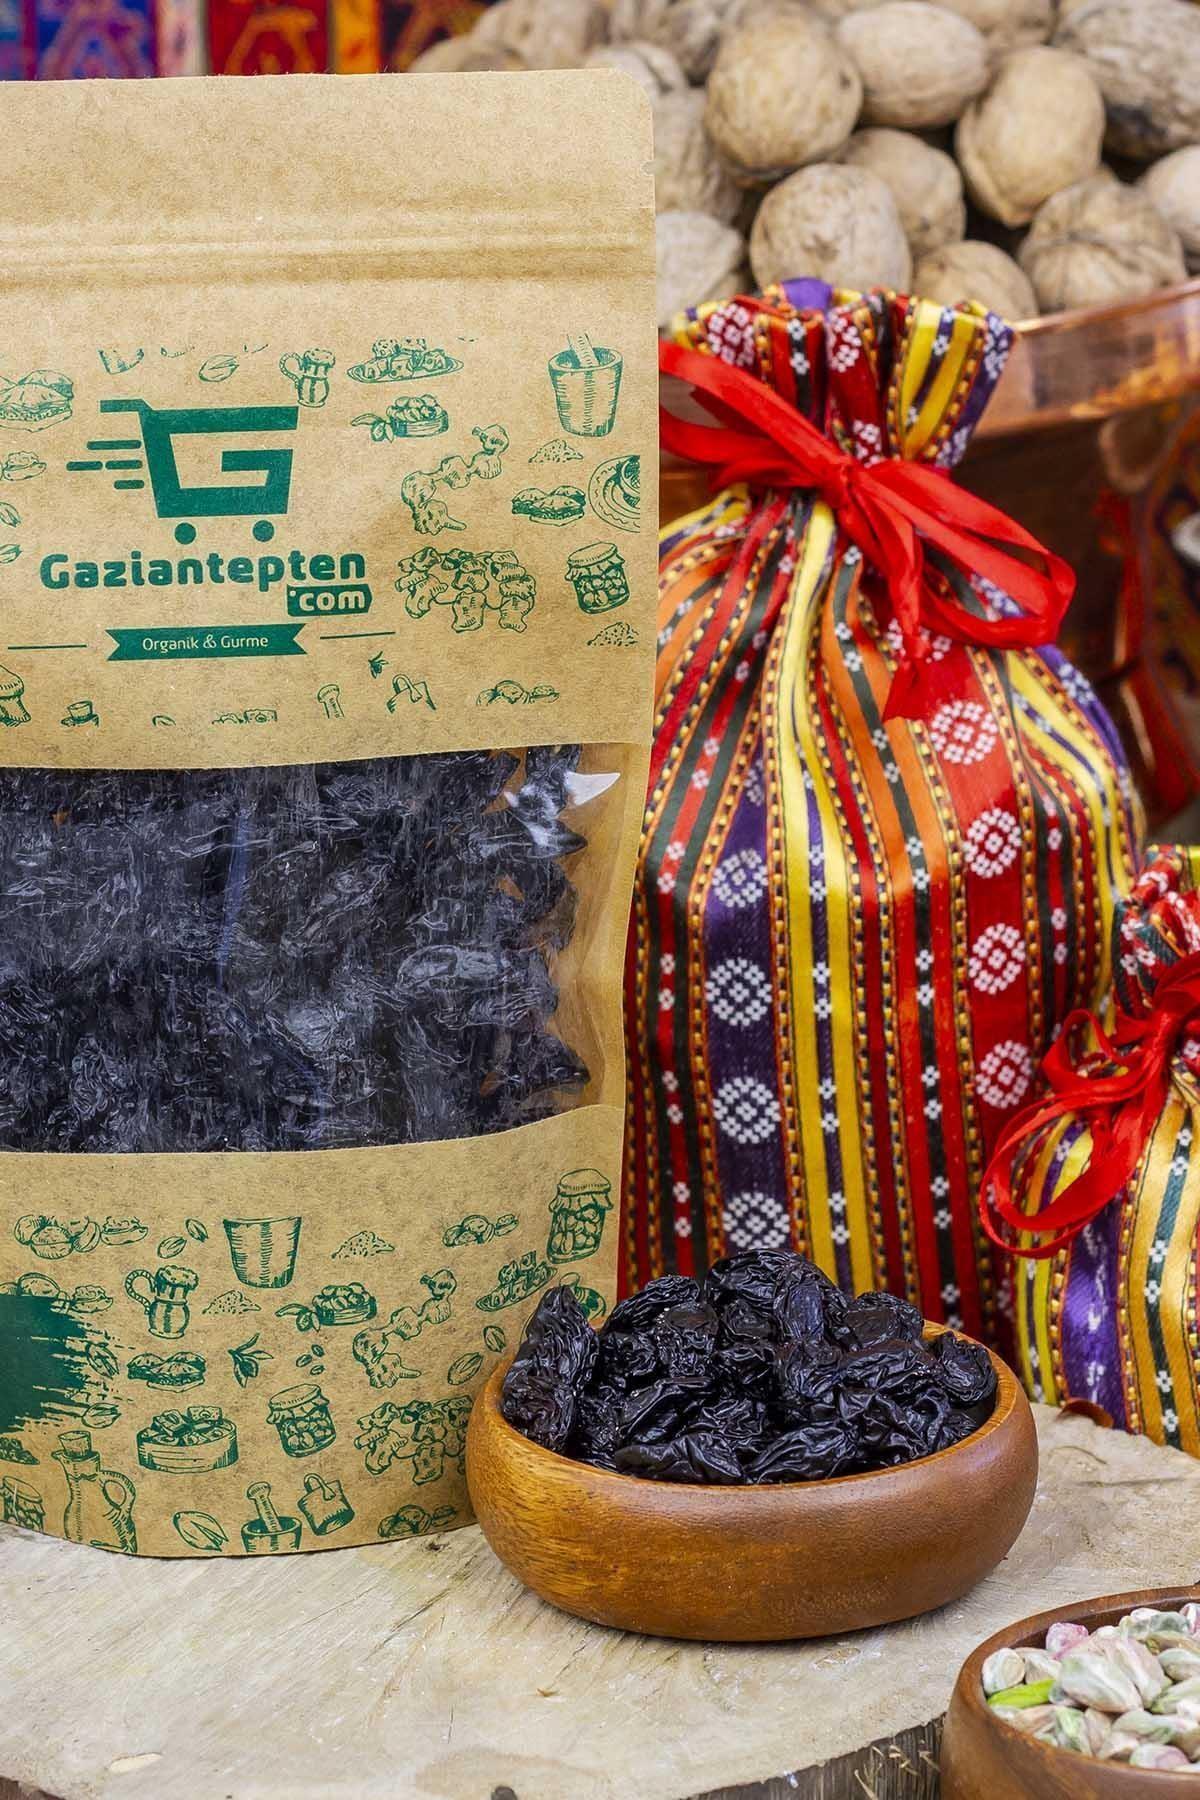 Gaziantepten Kilis Karası Siyah Üzüm Kurusu 500 Gr 1